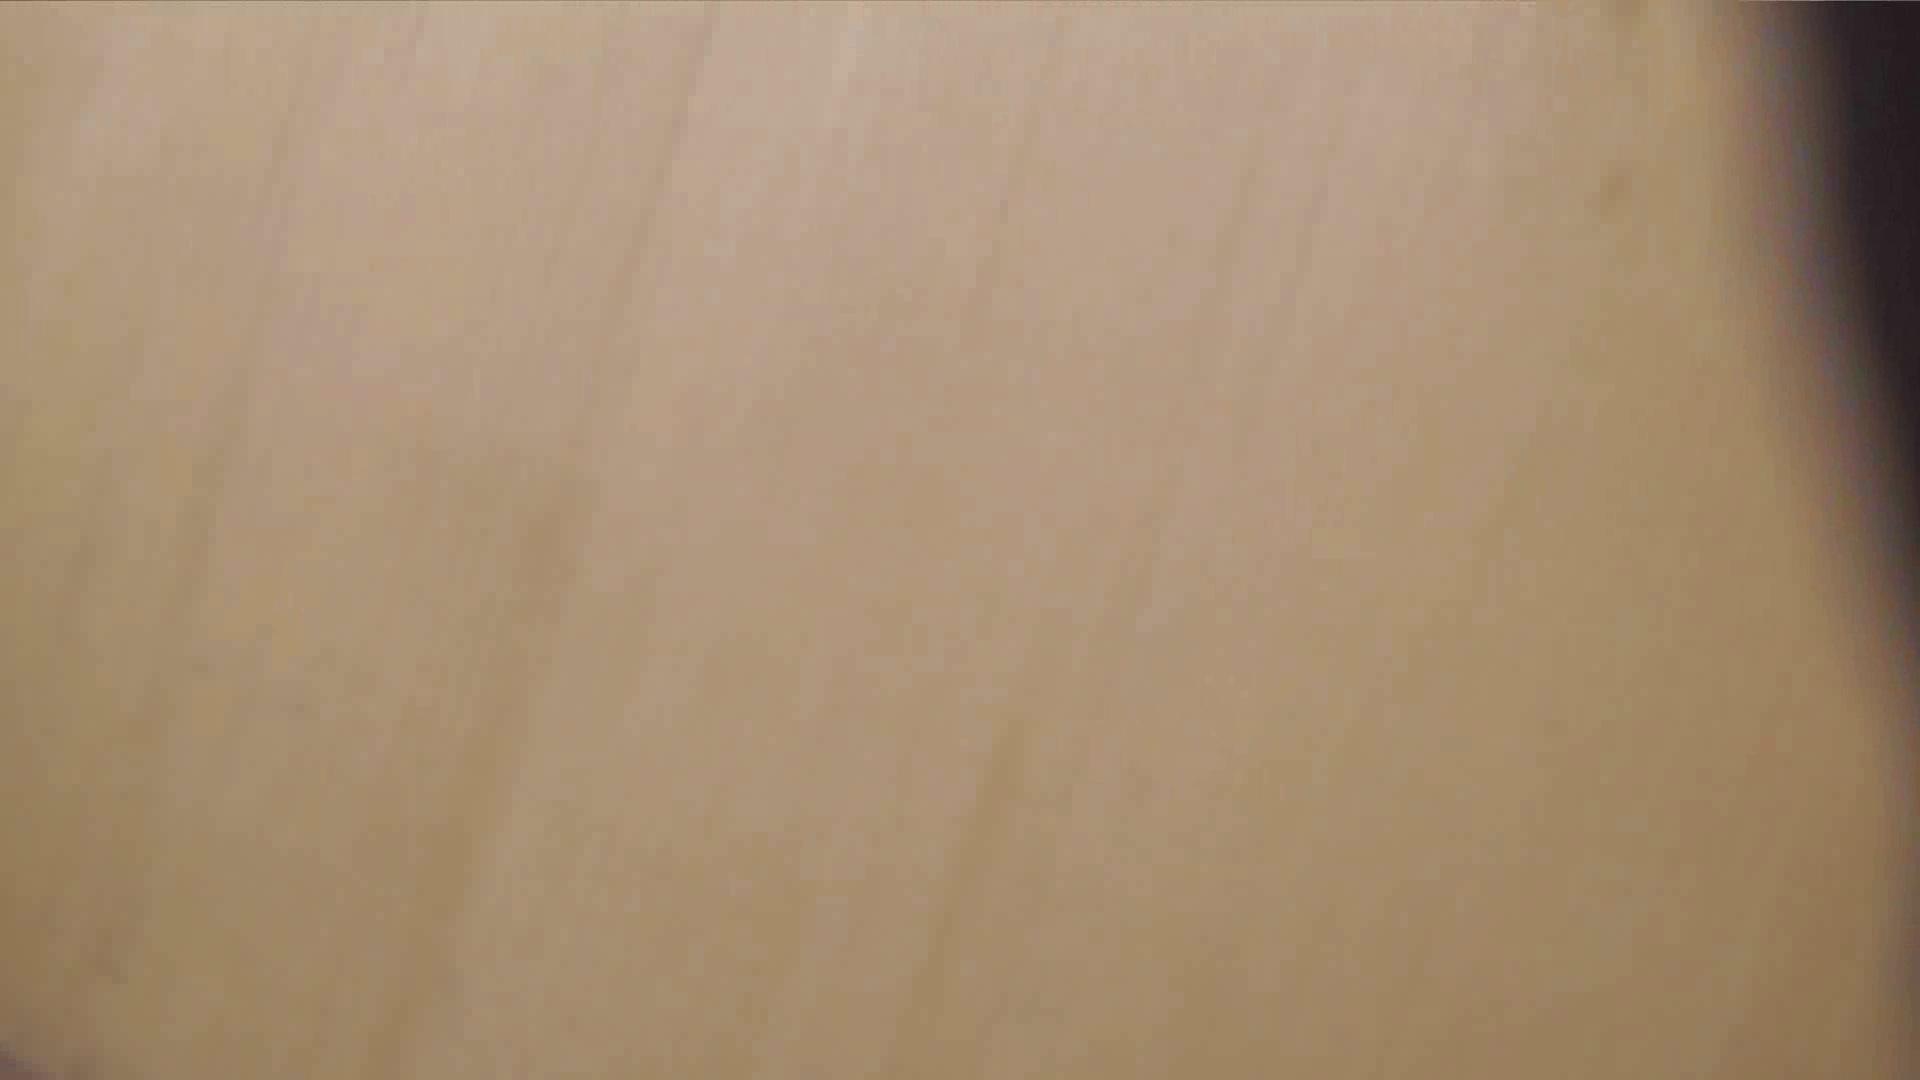 阿国ちゃんの「和式洋式七変化」No.18 iBO(フタコブ) エッチなお姉さん 性交動画流出 98画像 46